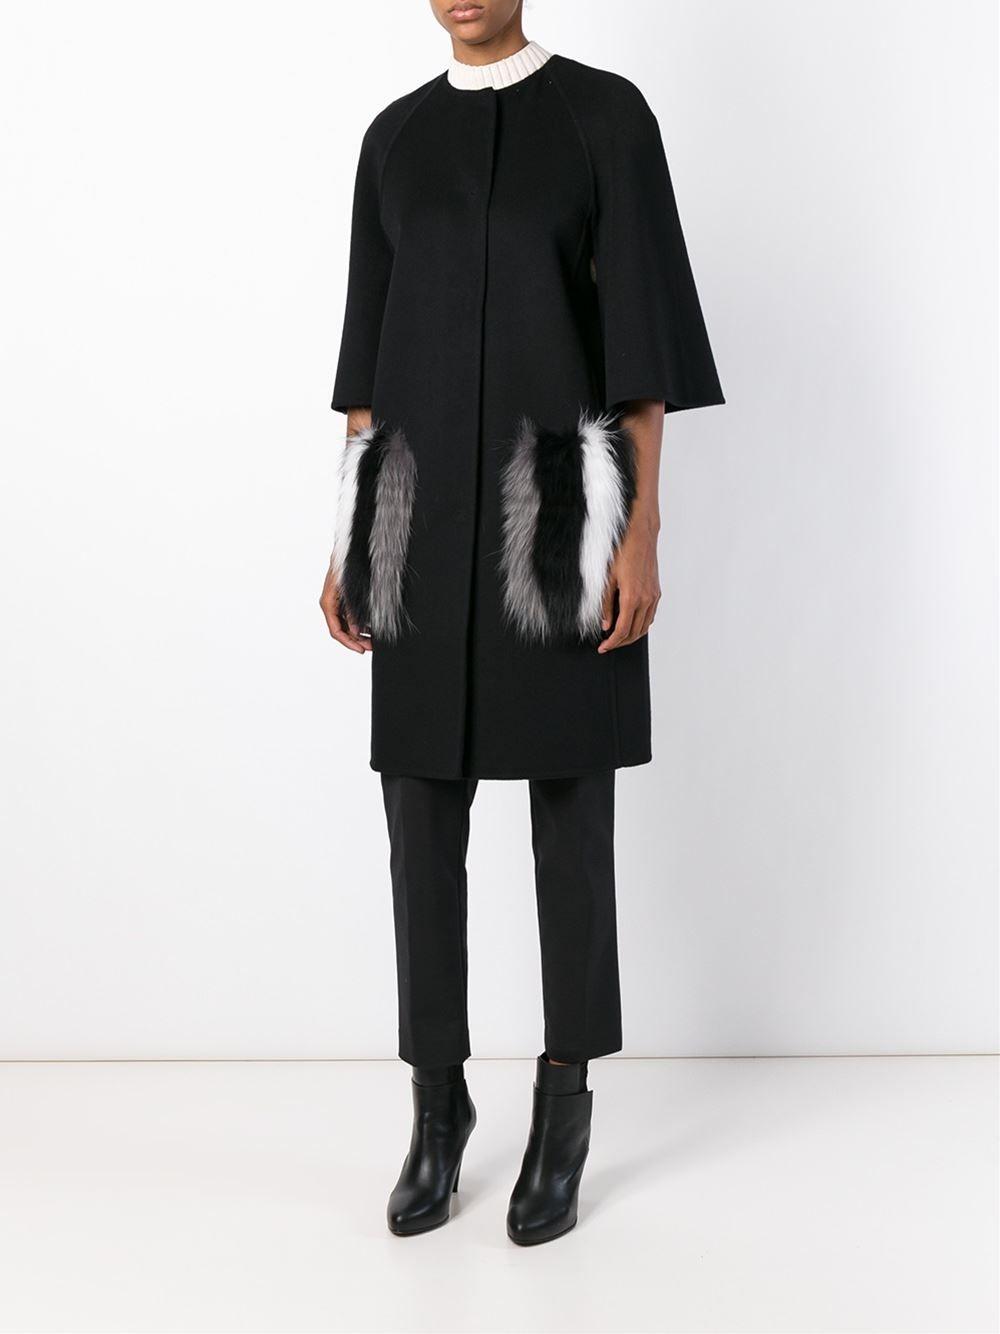 cbc55a0a6ce9 Fendi fur pockets coat